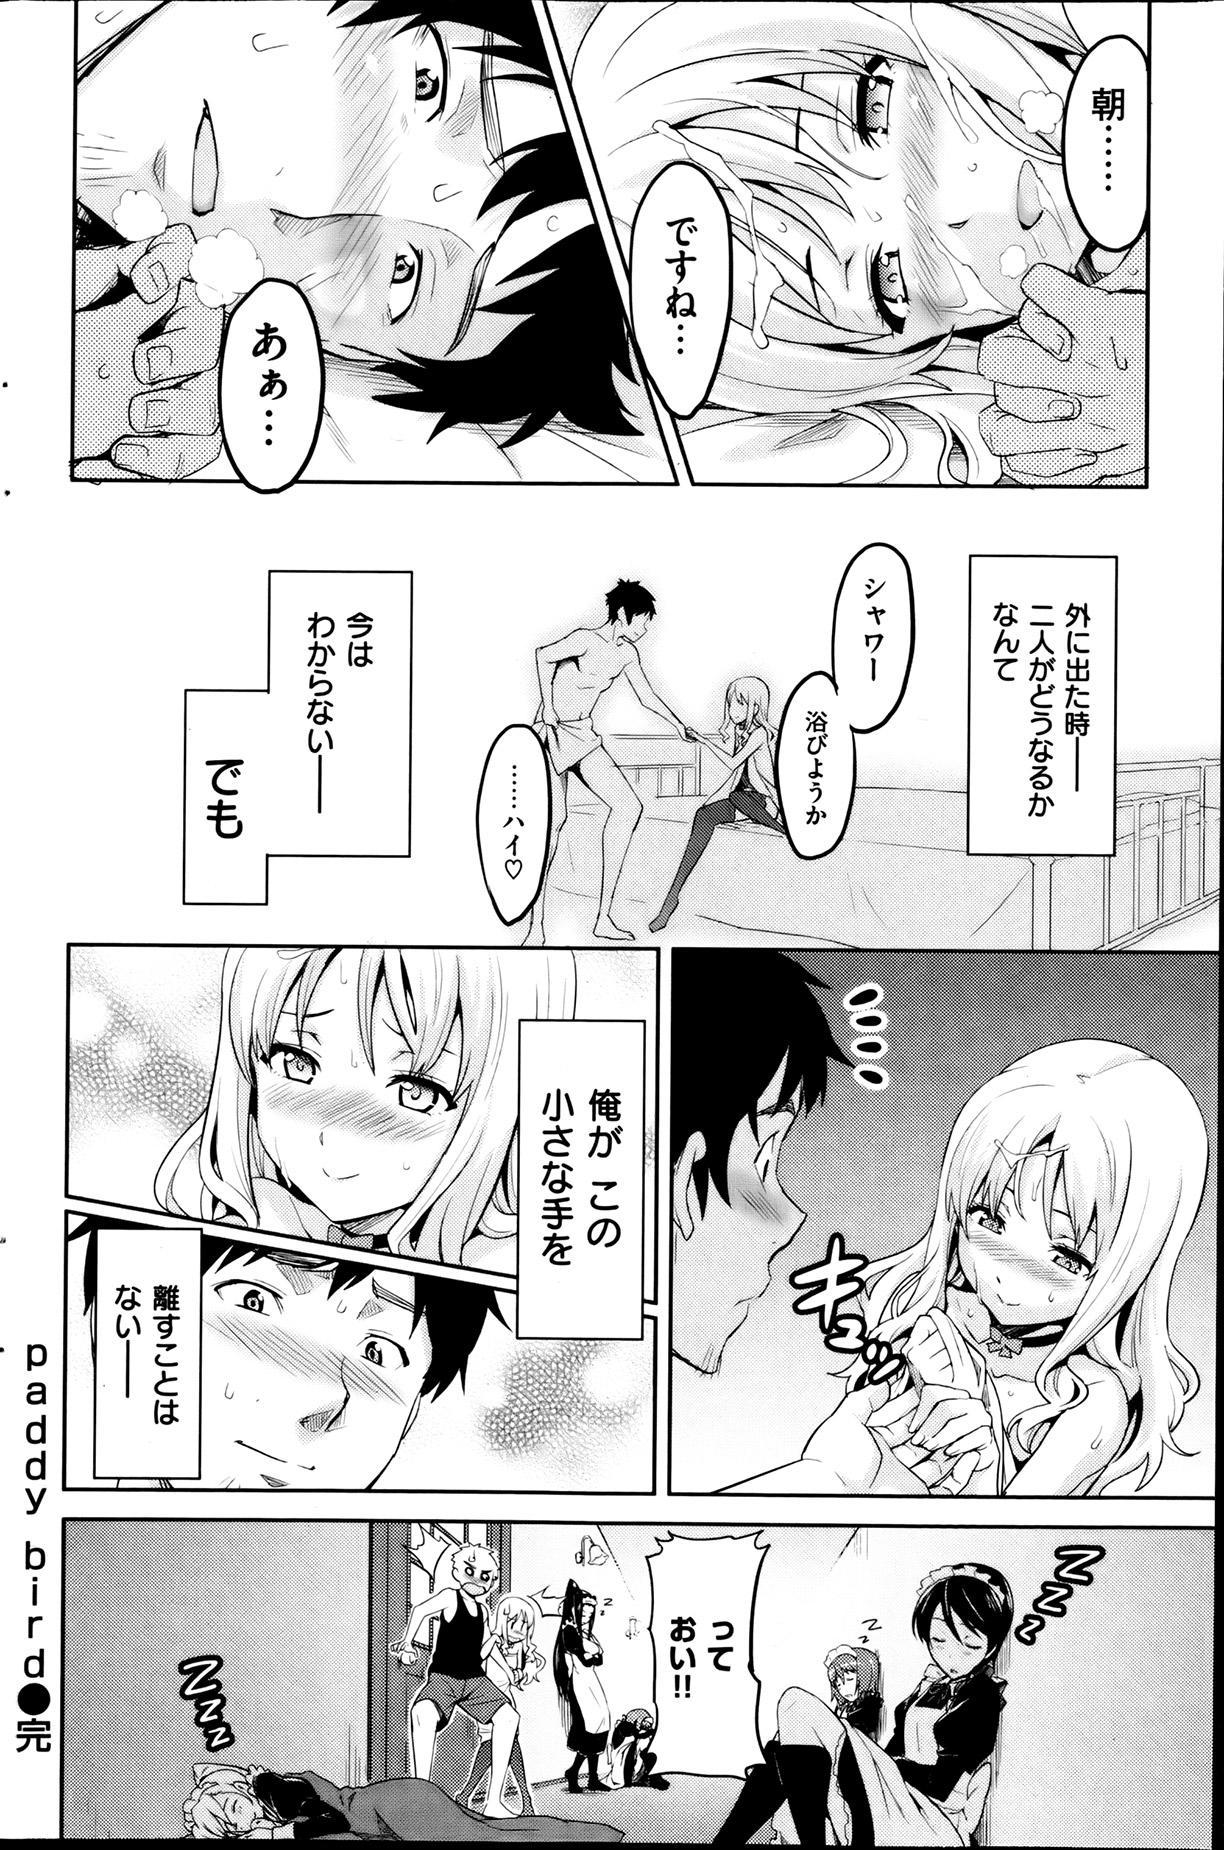 COMIC HANA-MAN 2013-08 Takeda Hiromitsu Tokushuu 161